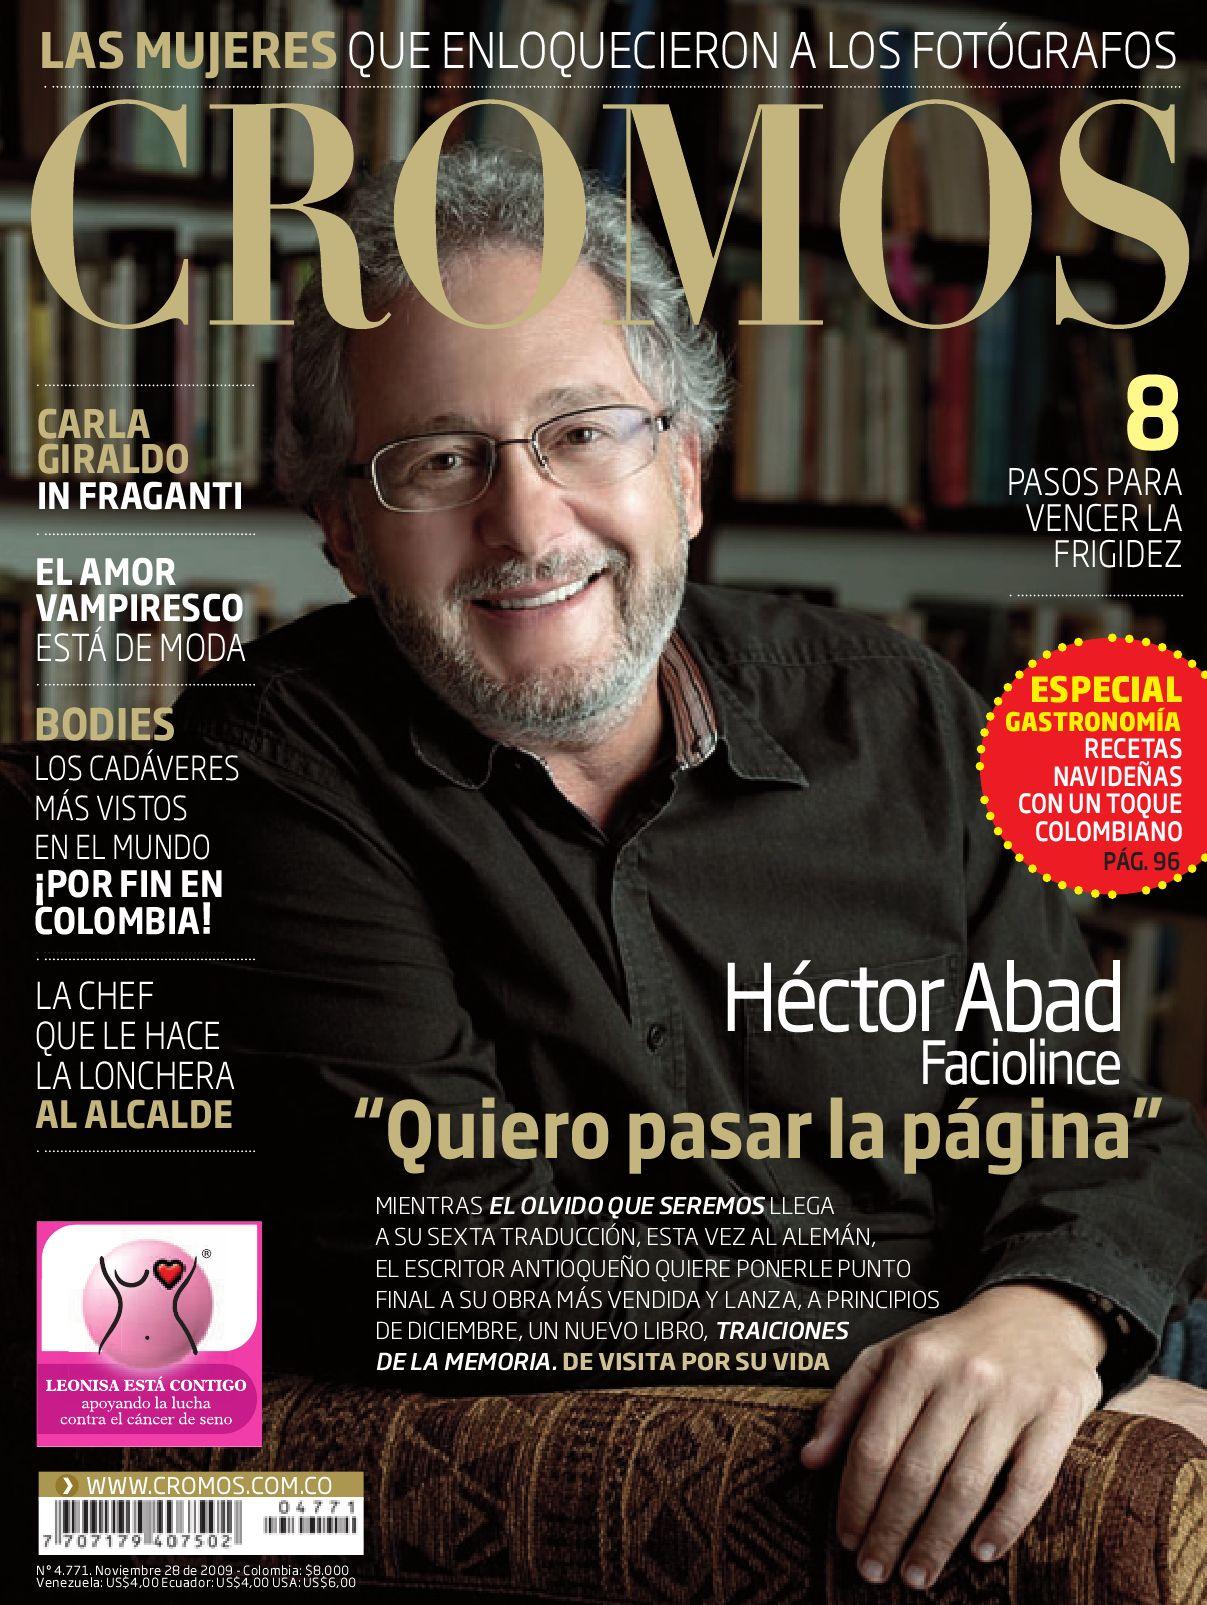 Revista Cromos by Cromos issuu